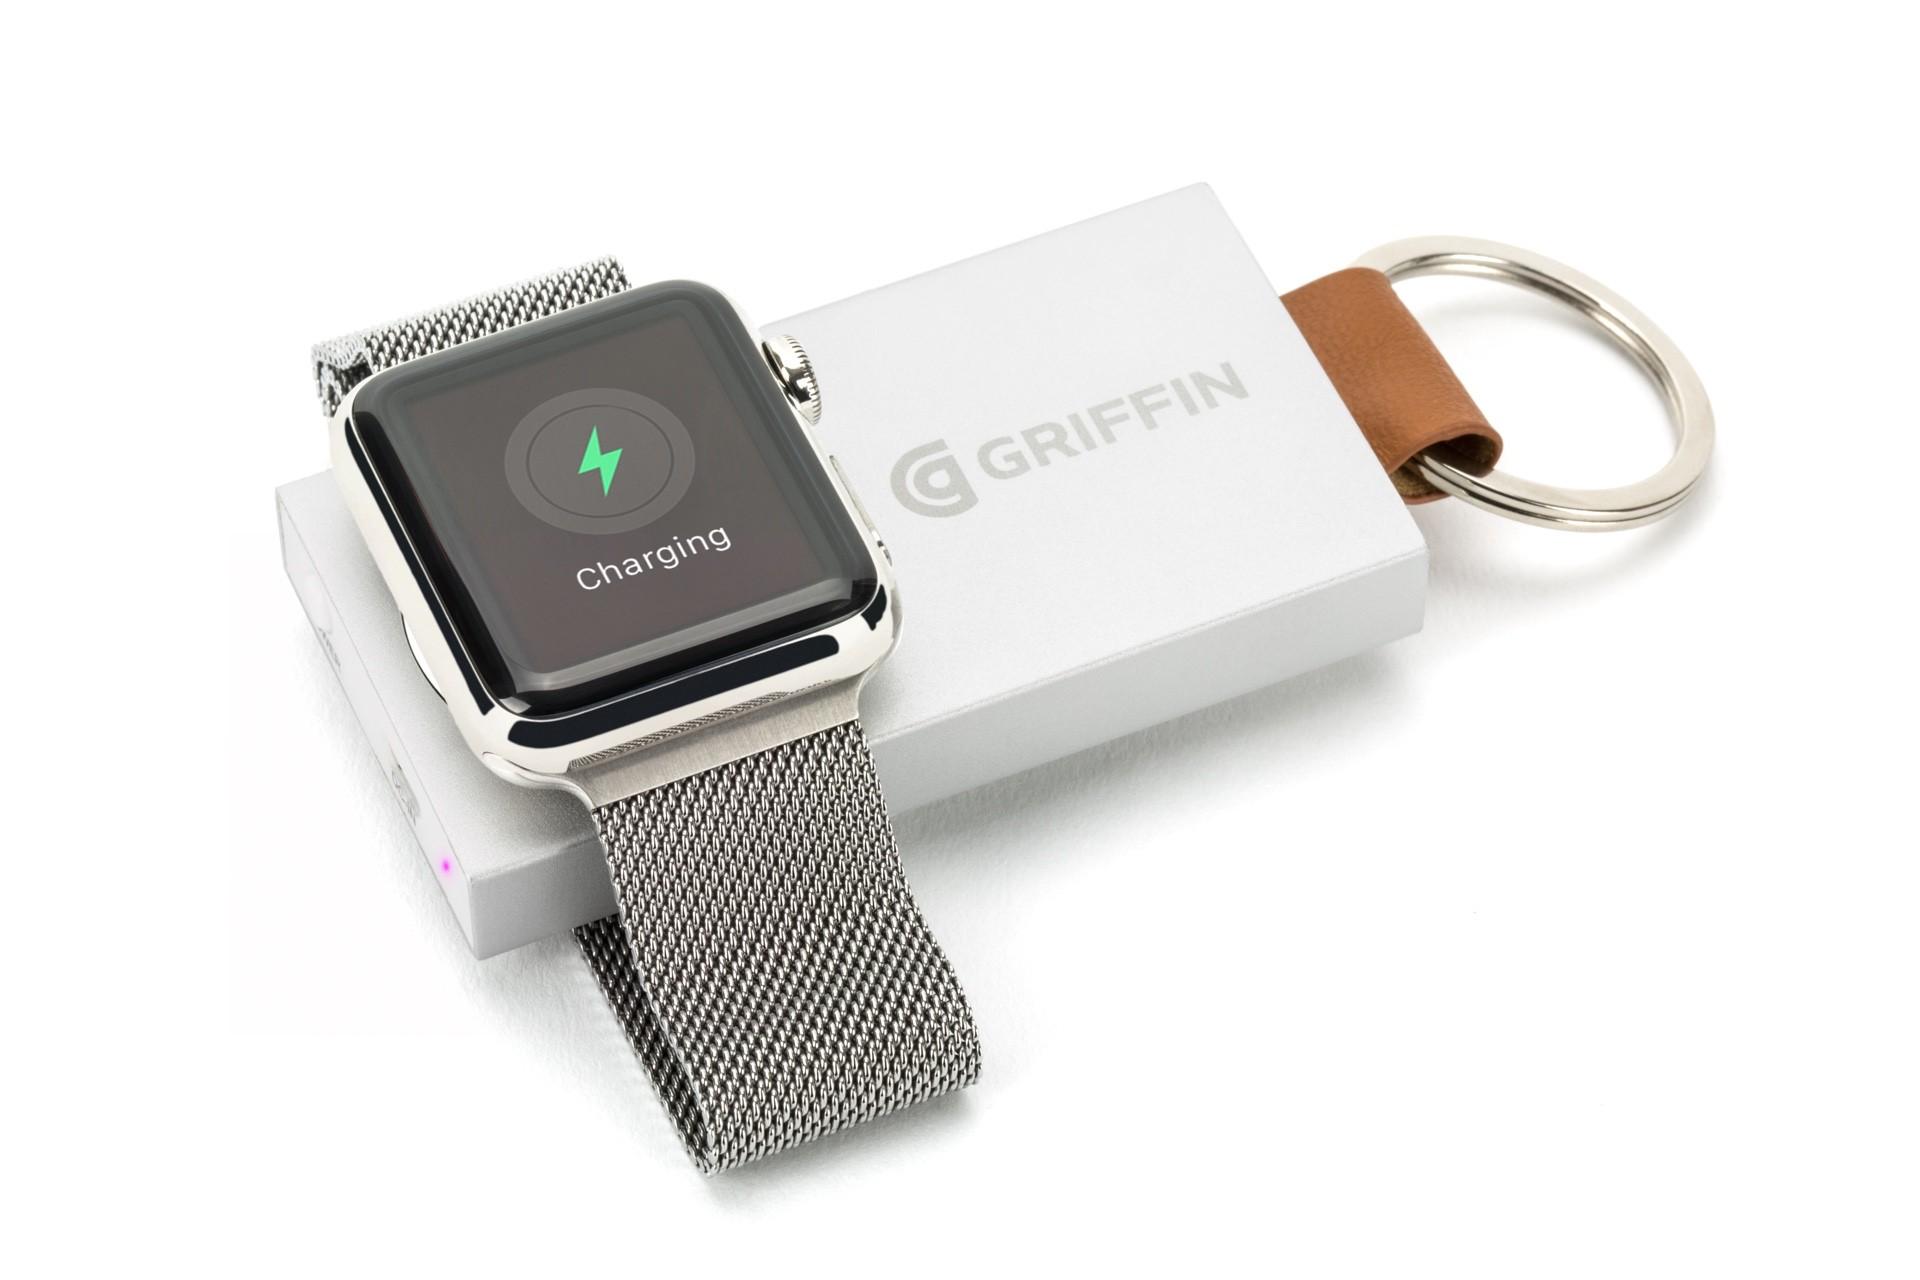 Нажмите на указанное значение, чтобы включить экорежим на apple watch.